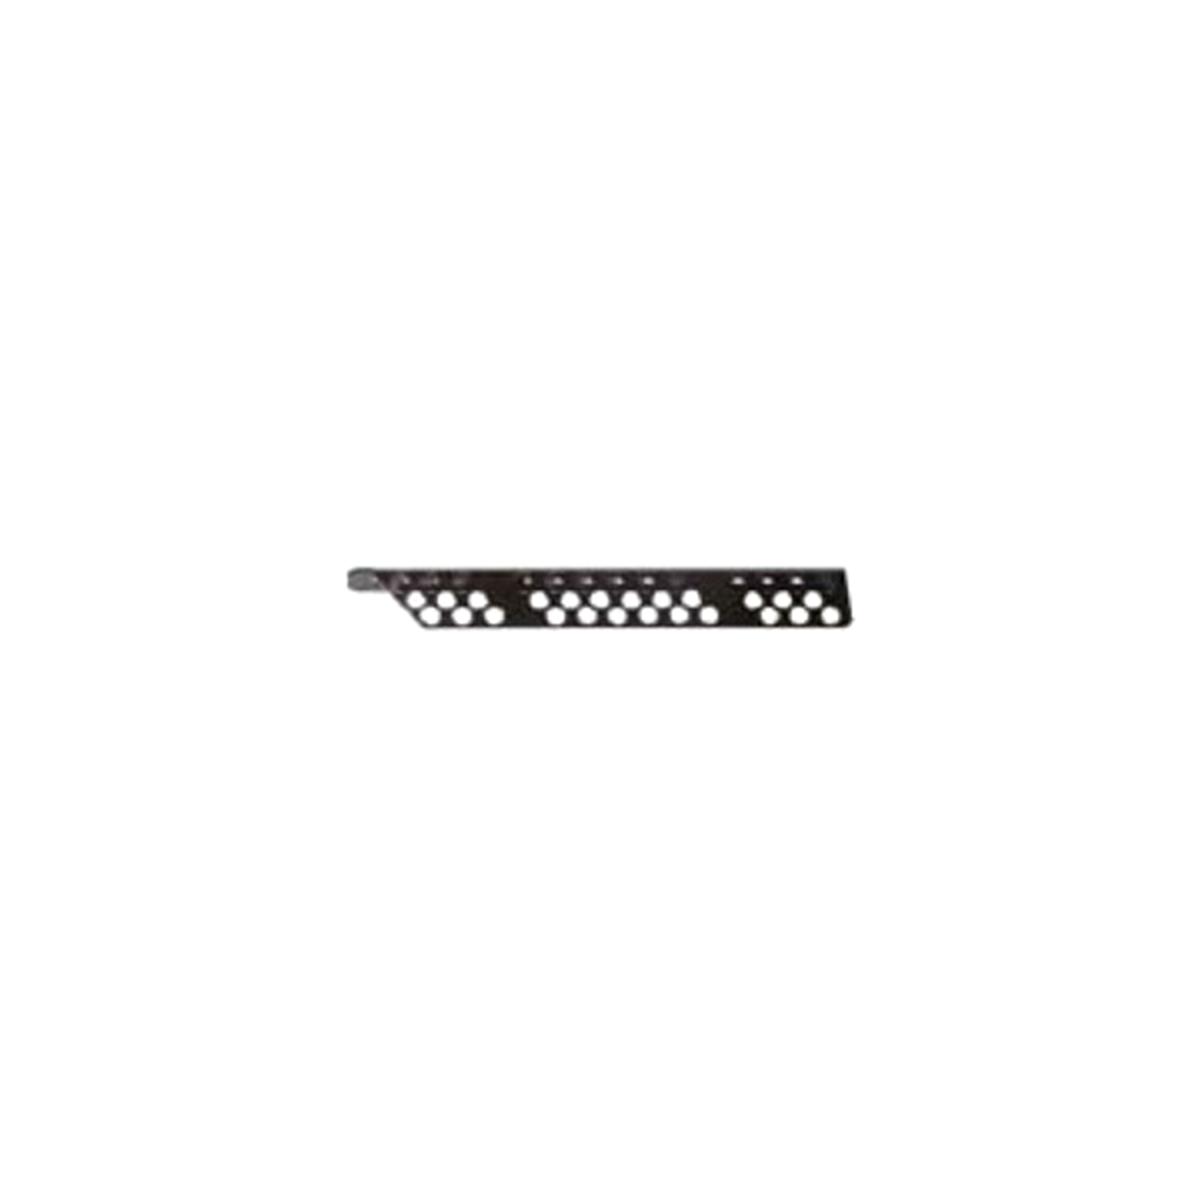 68135 Dixie Chopper OCDC Screen 50